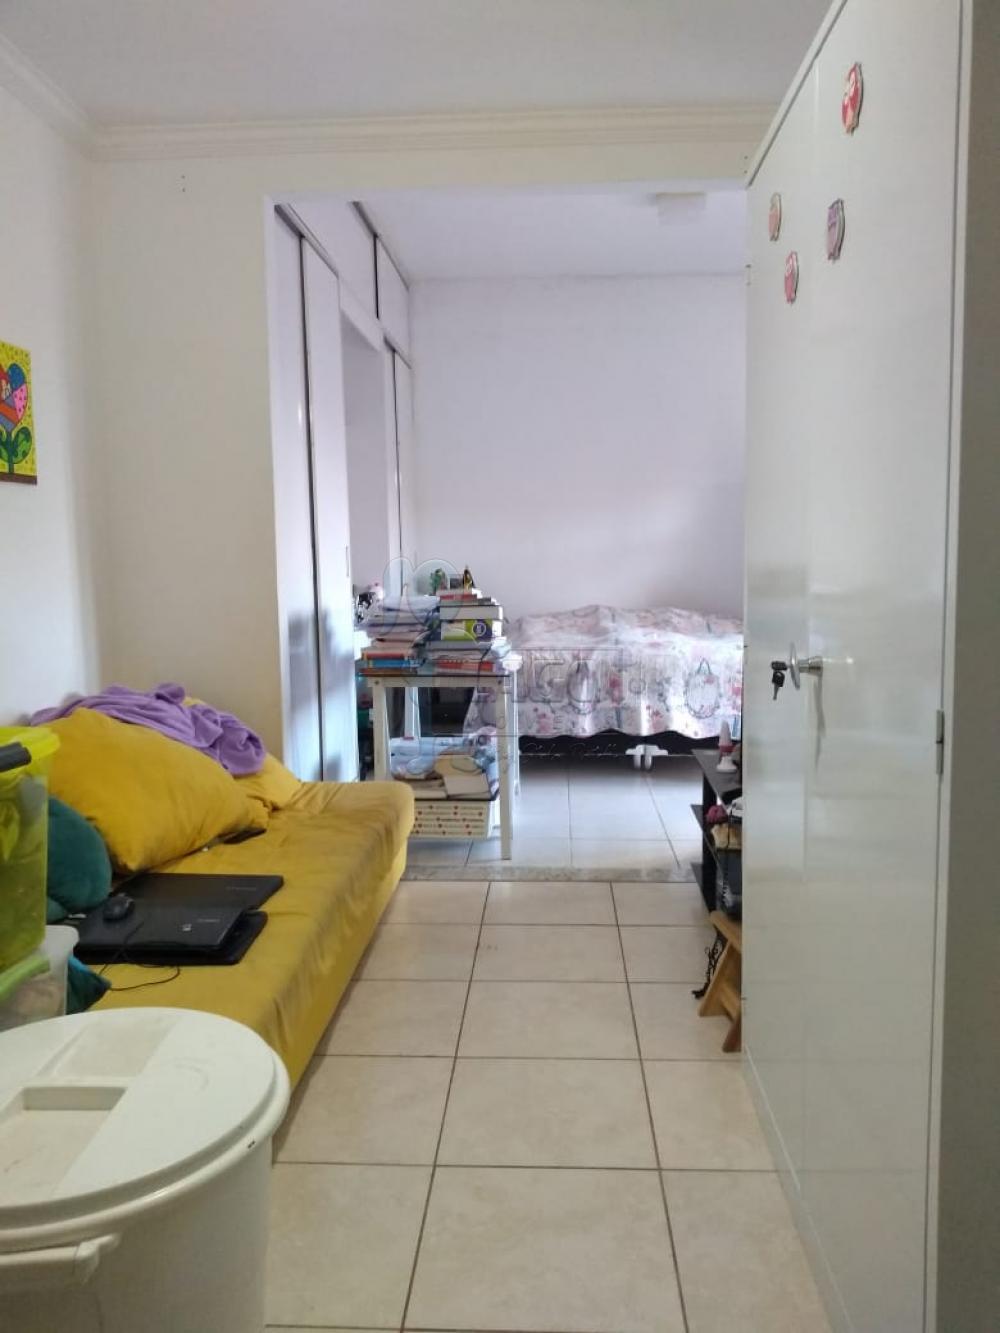 Alugar Casas / Condomínio em Ribeirão Preto apenas R$ 1.600,00 - Foto 5